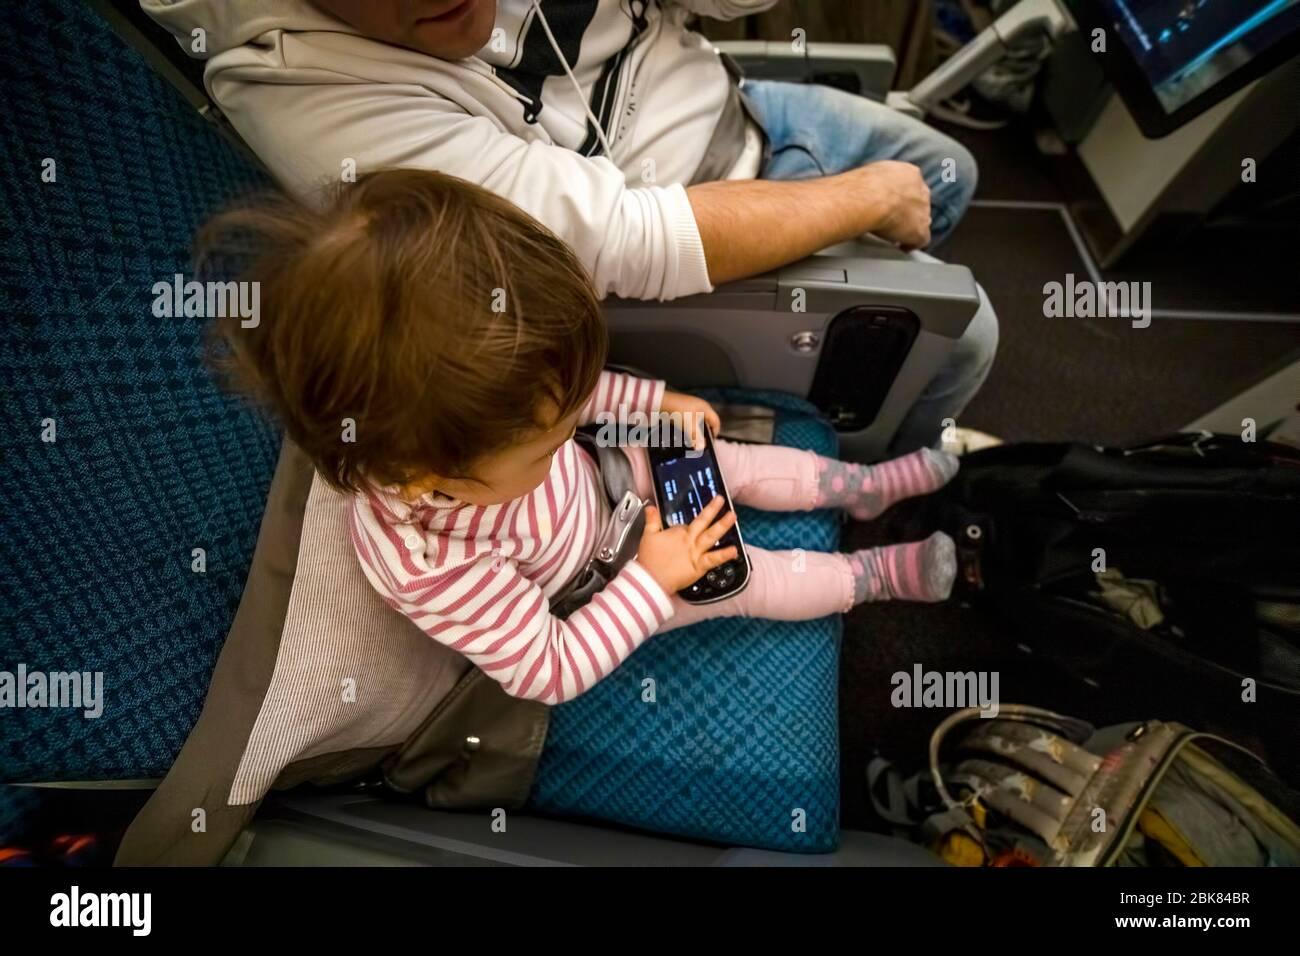 entretenimiento a bordo del avión en vuelo. bebé sentado en el avión en el asiento y jugar divertido en el sistema multimedia remoto. Foto de stock